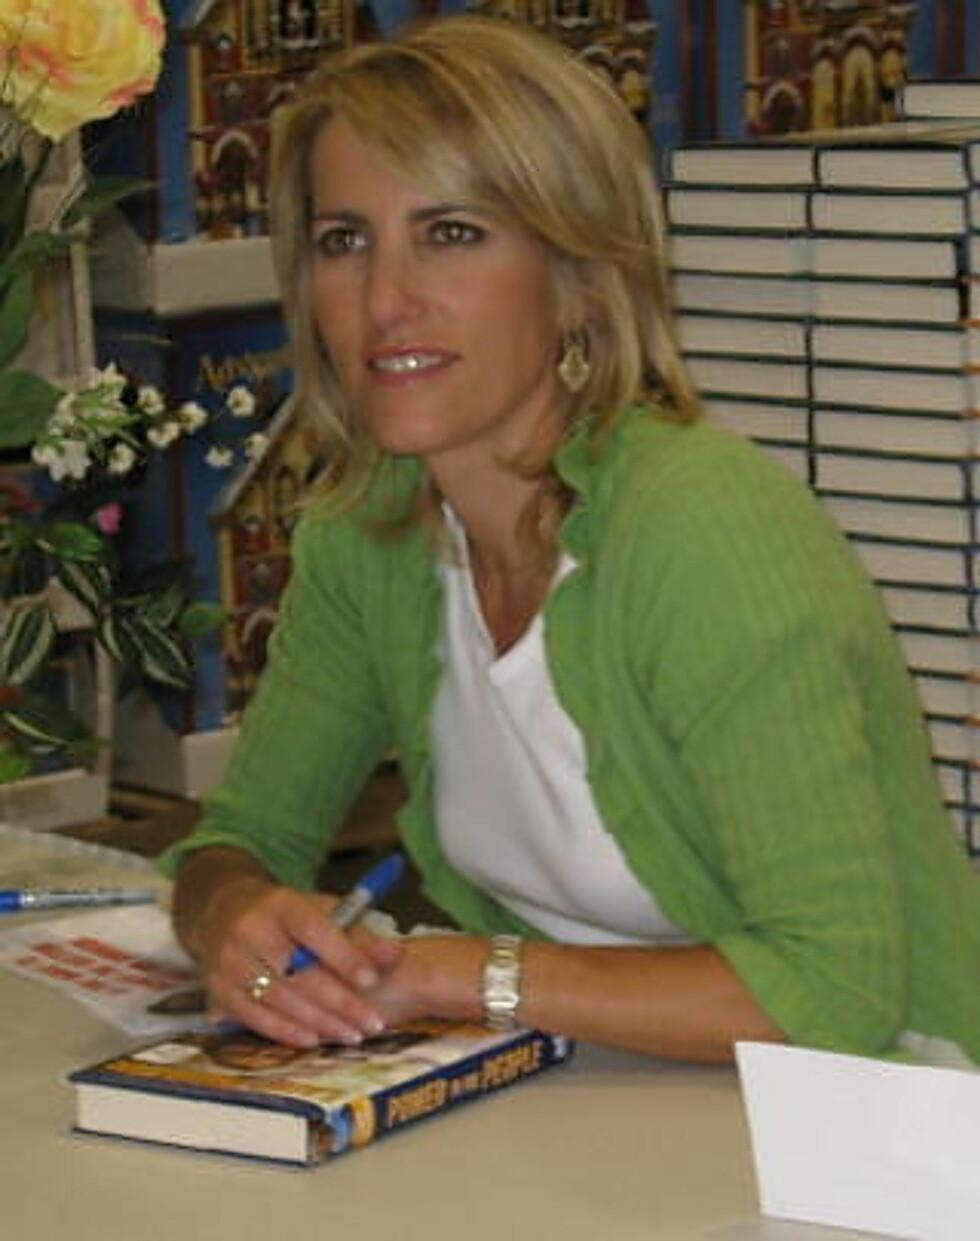 KRITISK TIL MEGHAN: Den konservative radioprateren Laura Ingraham. Foto: WIKIMEDIA COMMONS